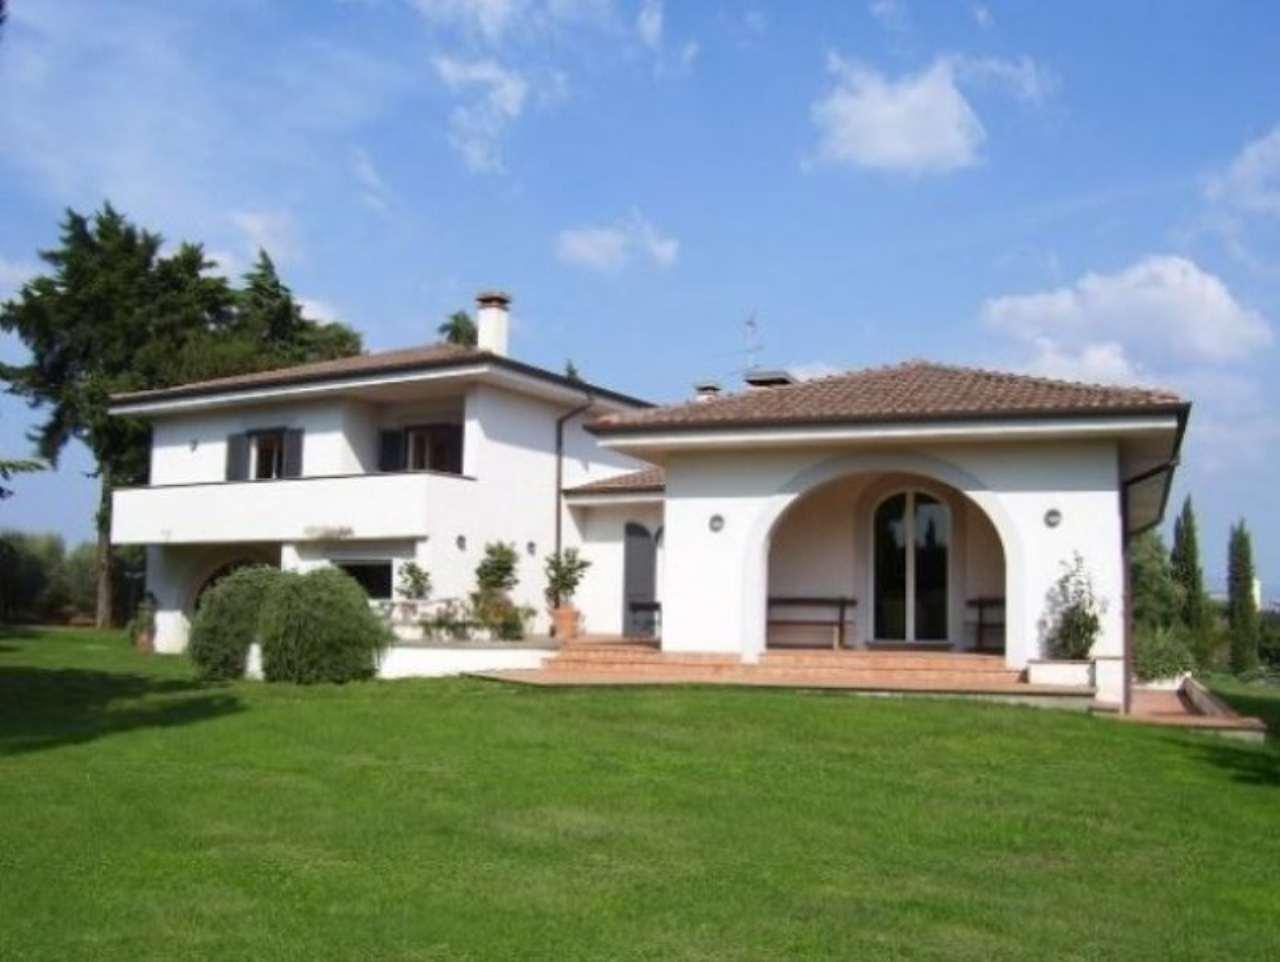 Villa in vendita a Pomezia, 6 locali, Trattative riservate | Cambio Casa.it